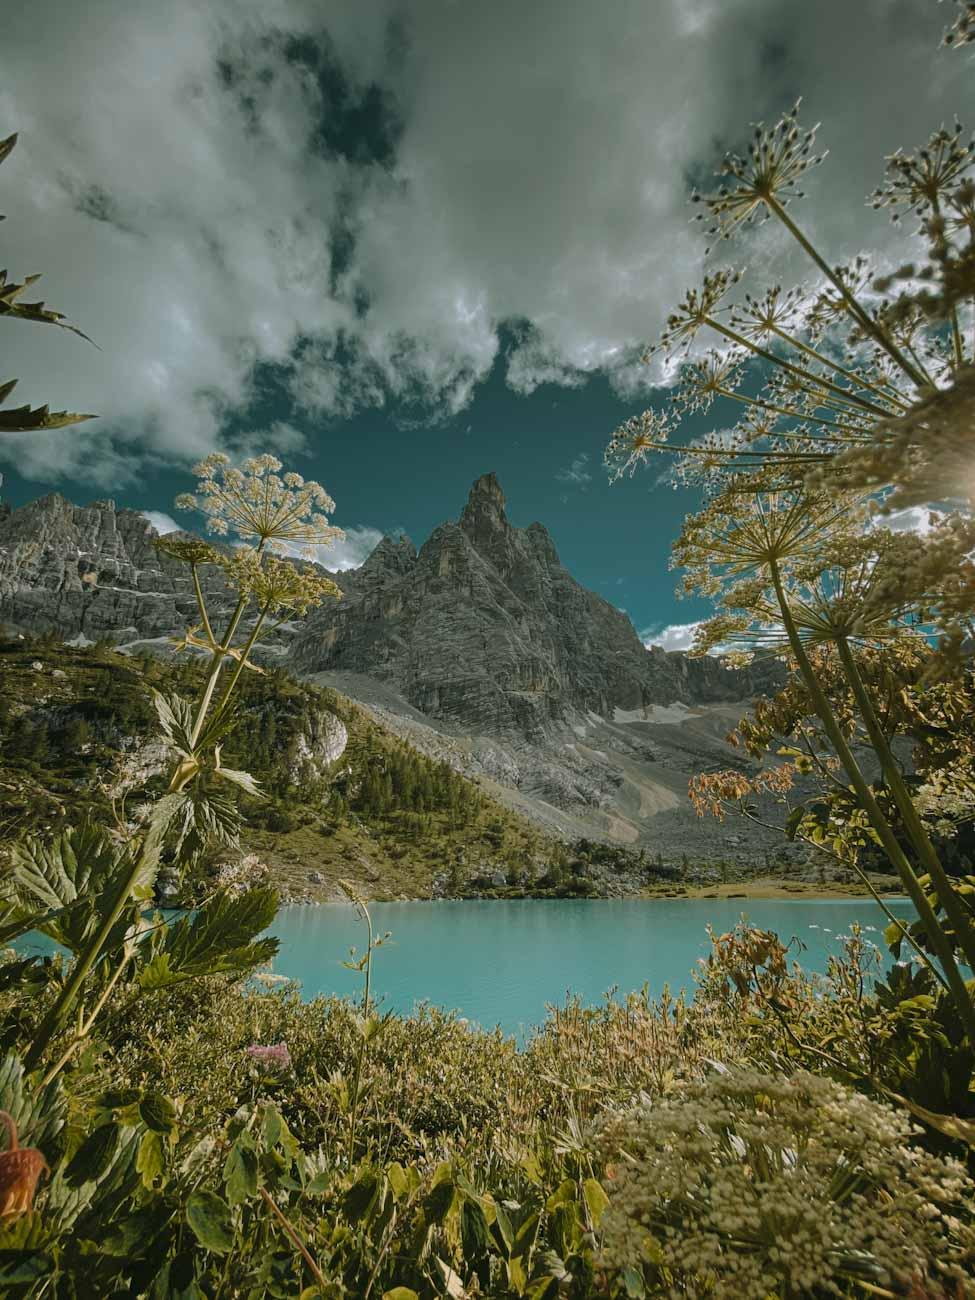 Lago di Sorapis najpiękniejsze jezioro w Alpach, Dolomity we Włoszech, góry, trekking we Włoszech, włoskie wakacje, błękitne jezioro